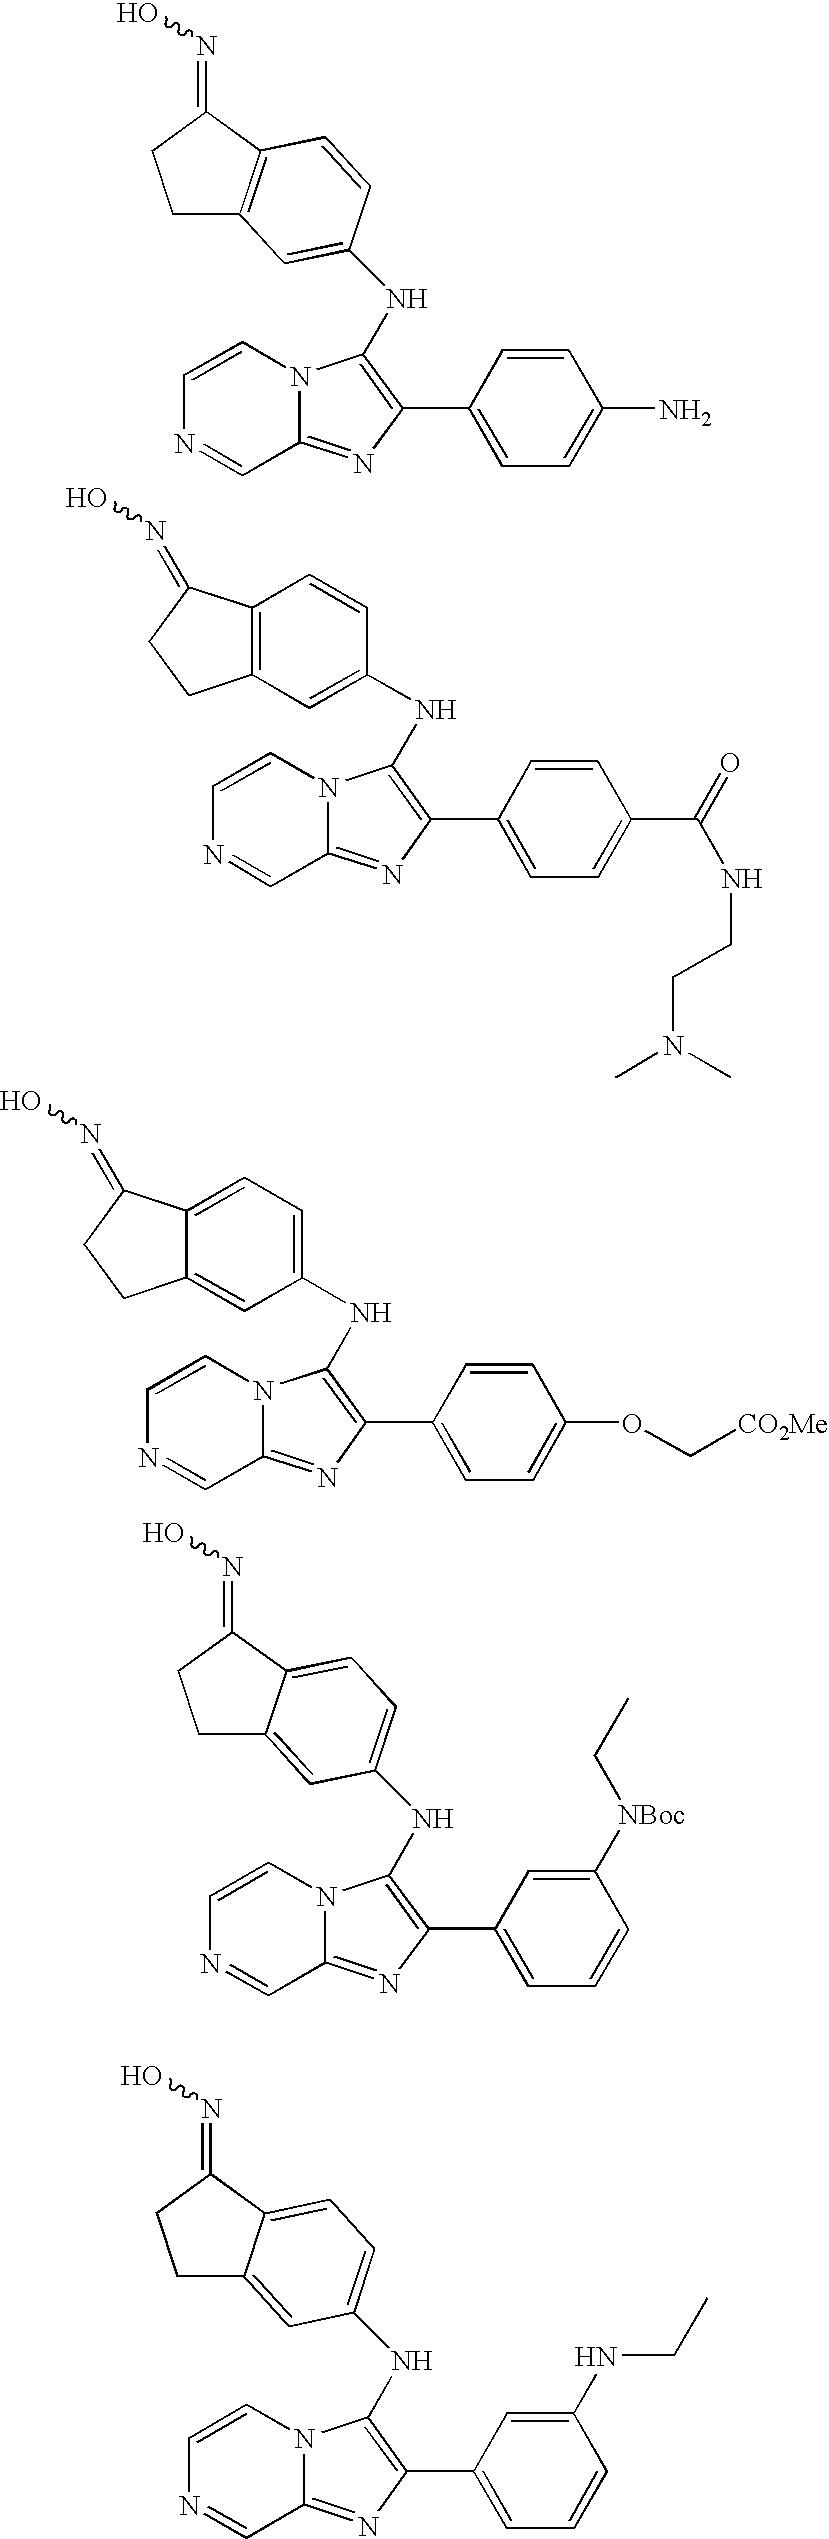 Figure US07566716-20090728-C00137